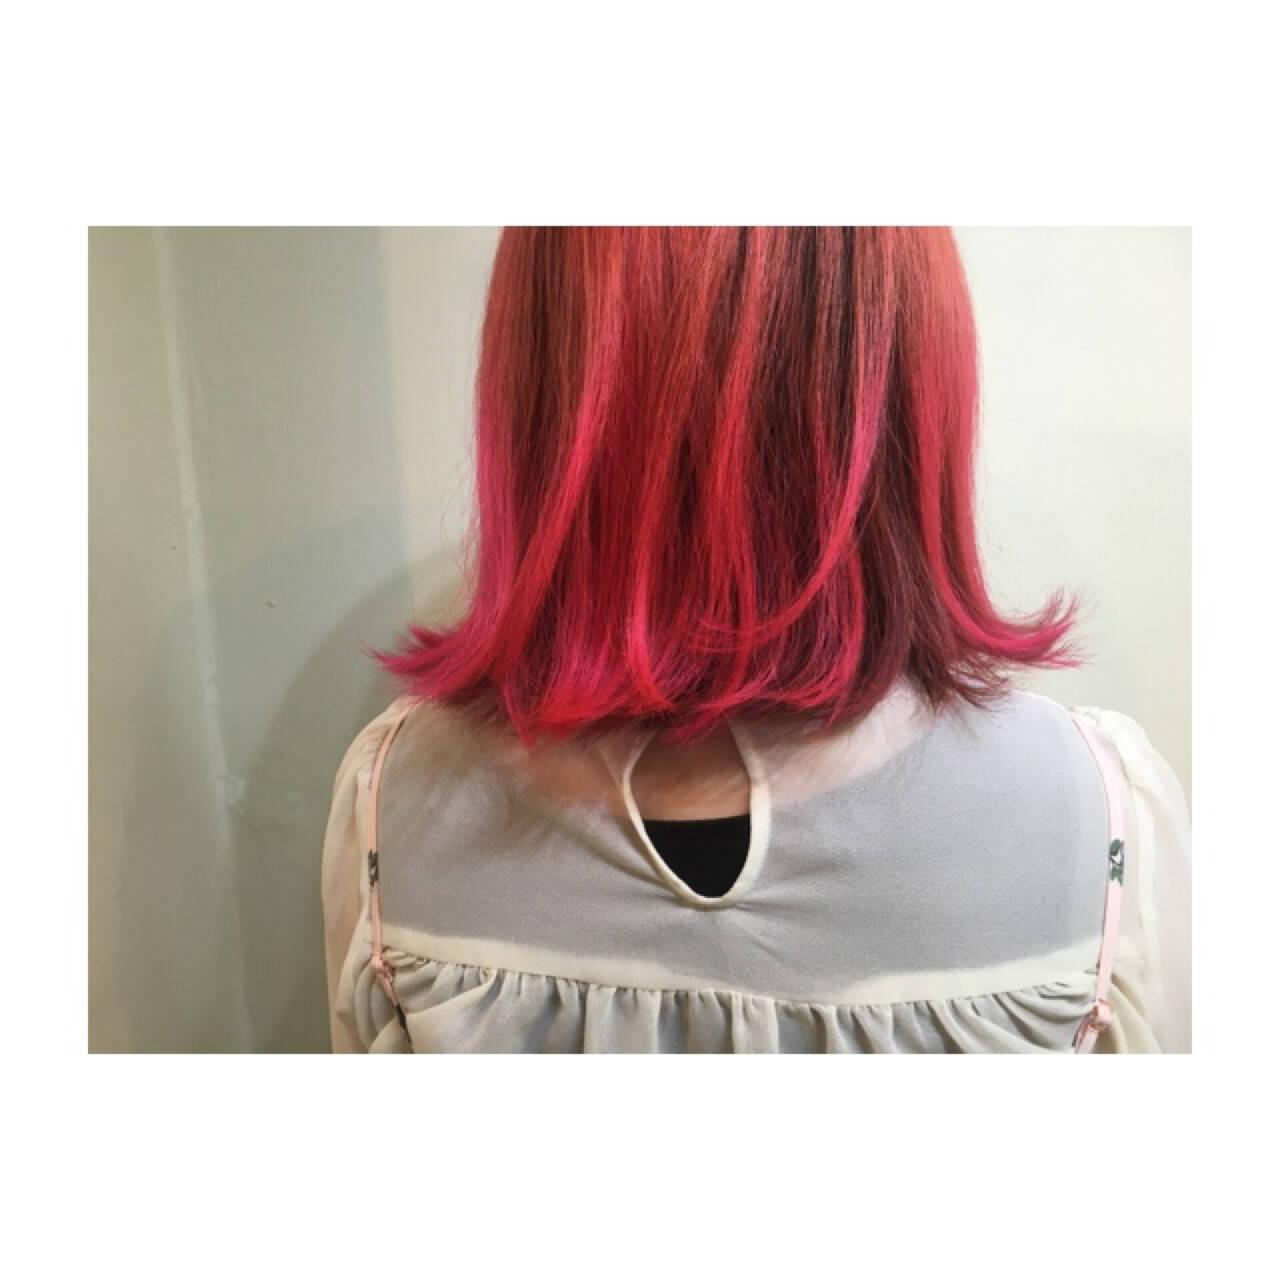 ピンク オレンジ アッシュバイオレット ボブヘアスタイルや髪型の写真・画像